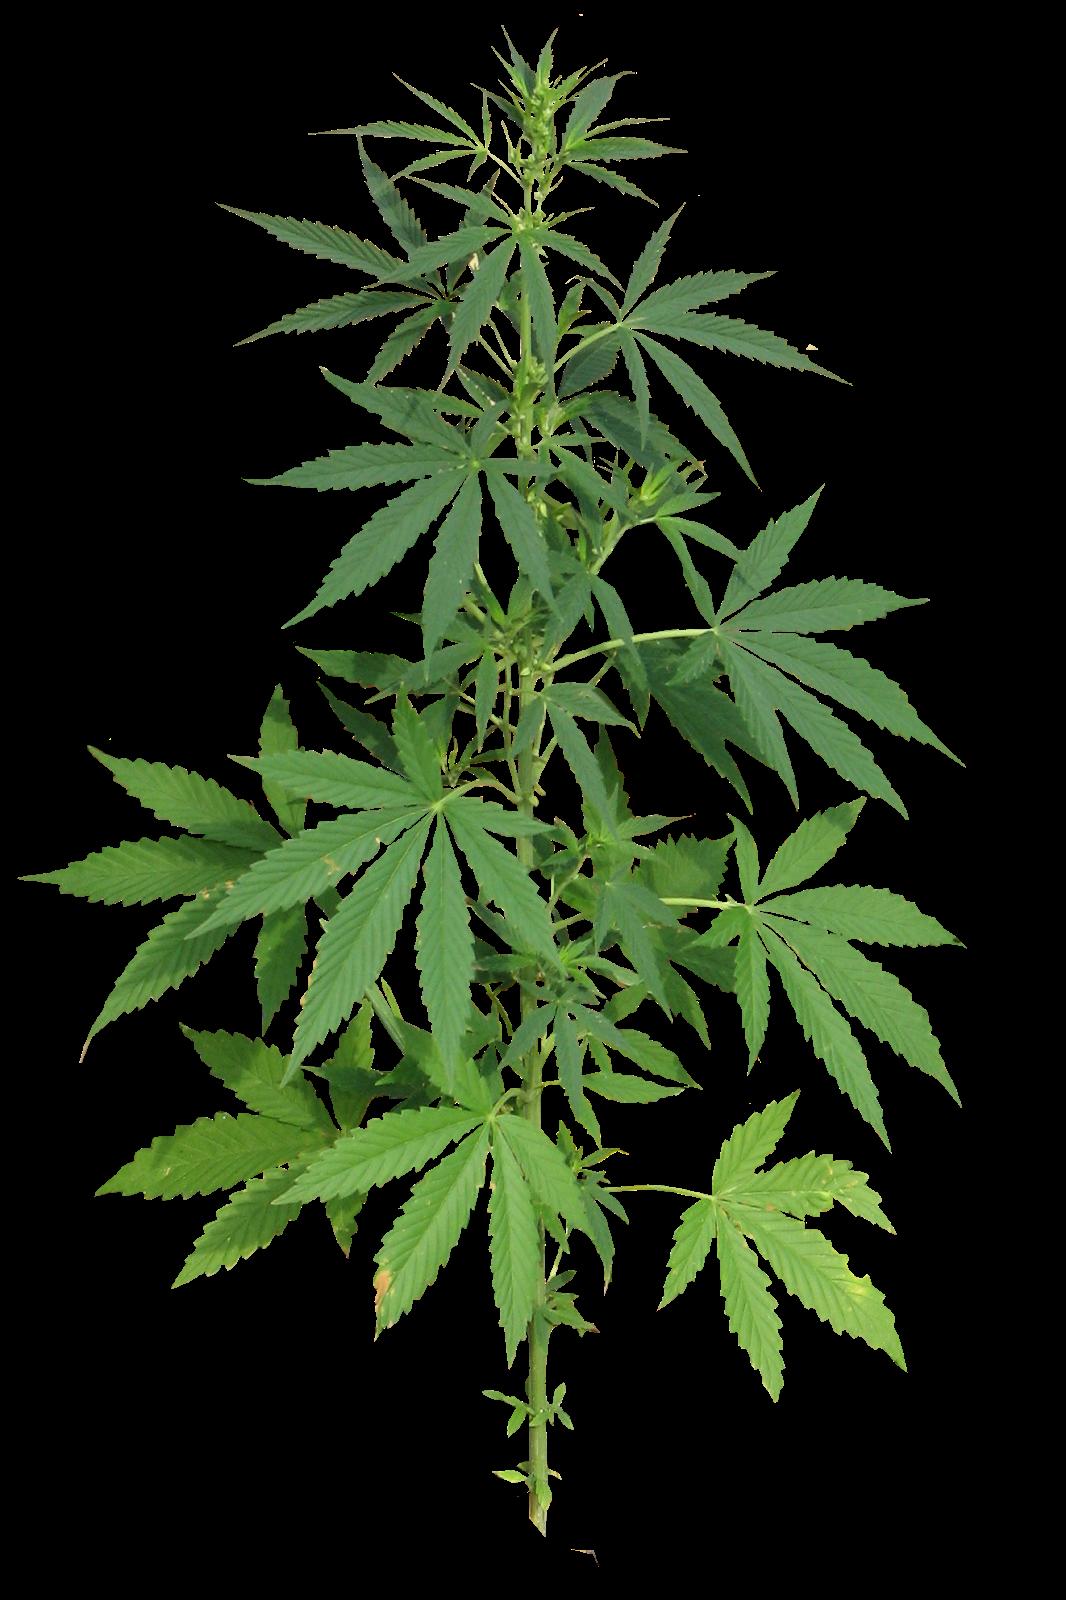 Png марихуана коноплю родители курят